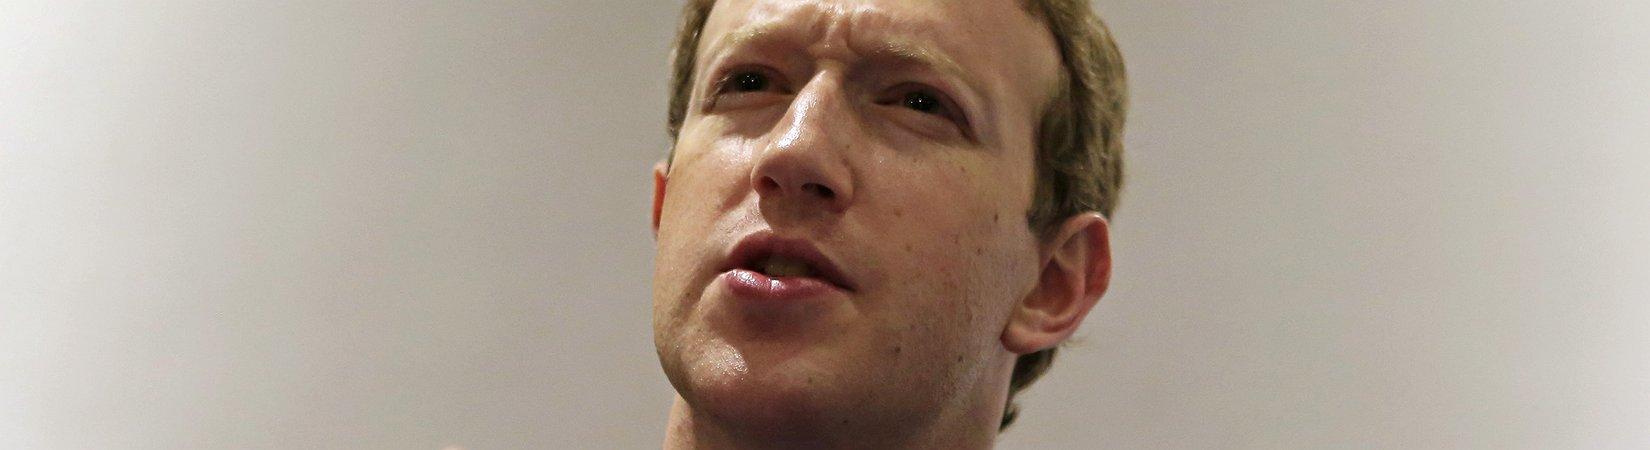 Facebook firma un accordo con BuzzFeed e Vox per la creazione di video originali